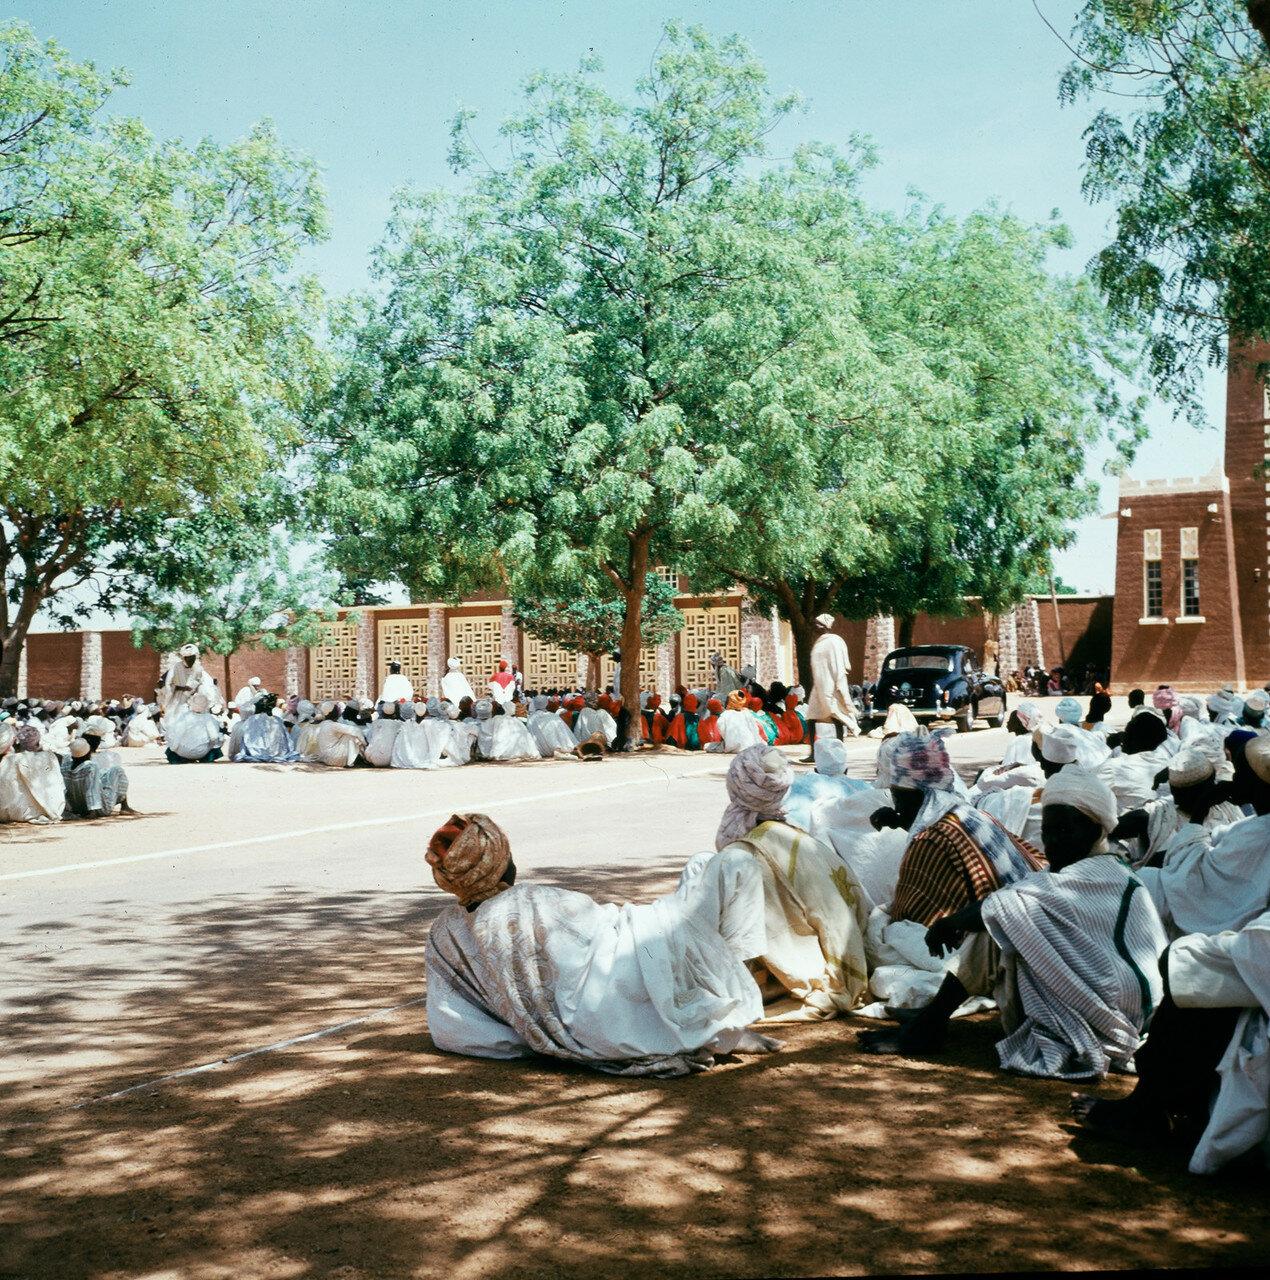 Кано. Собрание людей на площади перед главными воротами большого дворца эмира